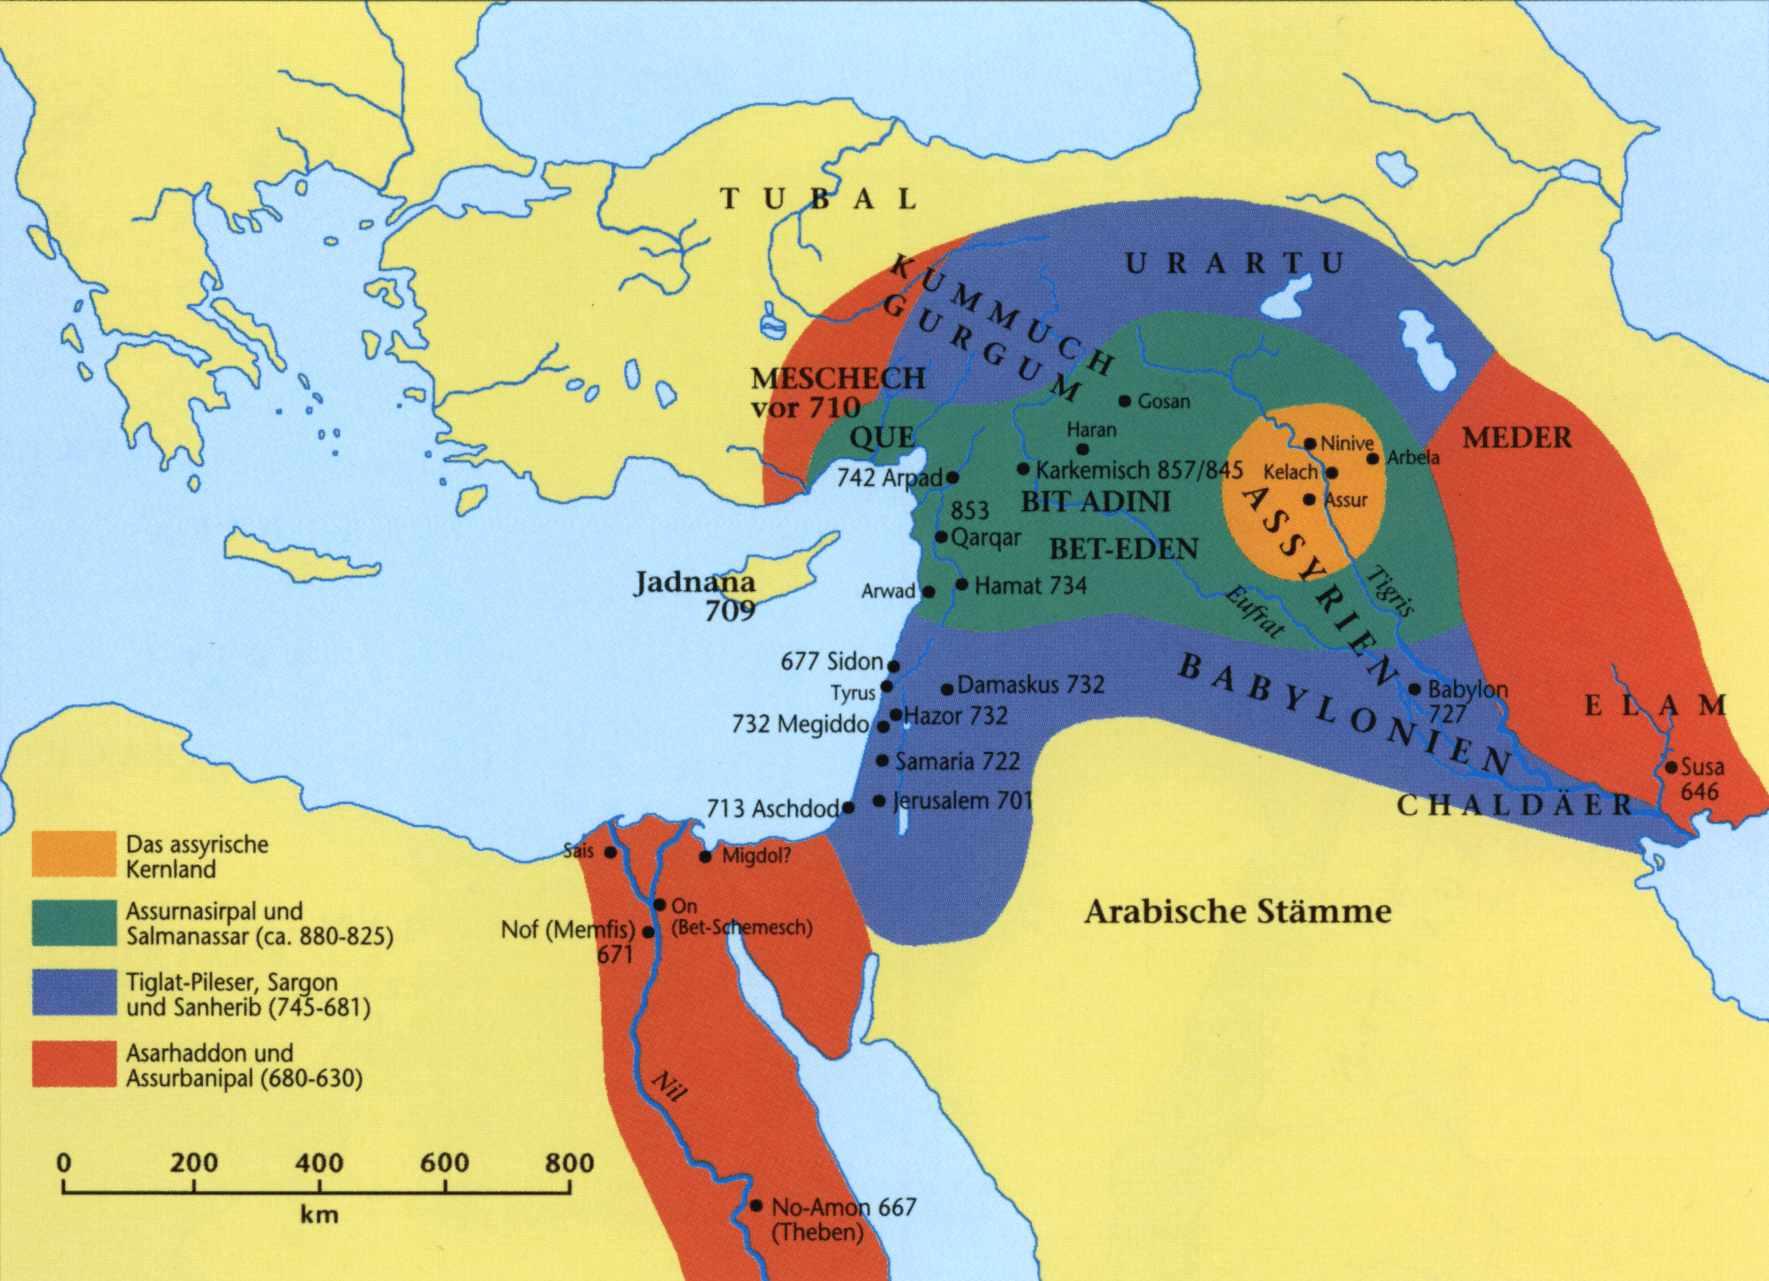 Das assyrische Reich im Lauf seiner Geschichte